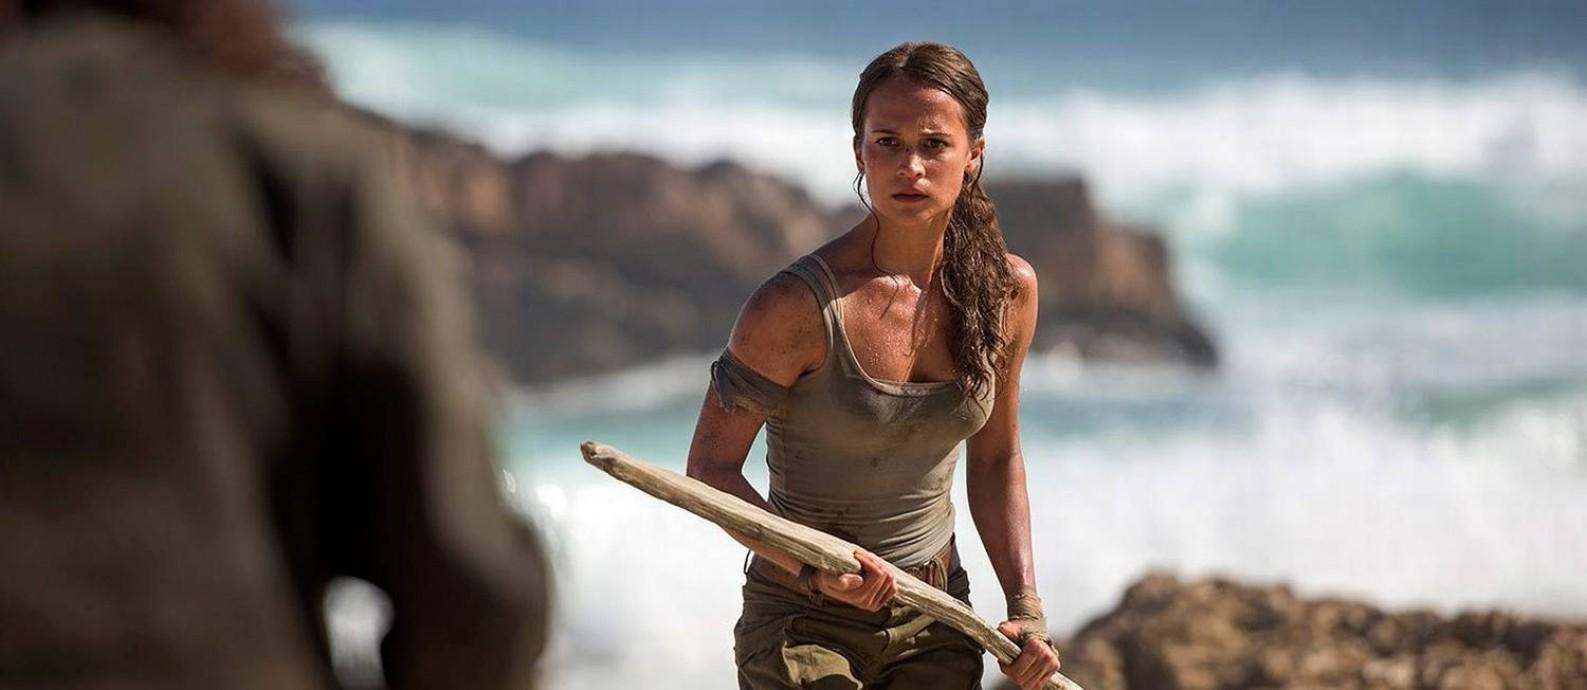 Cena do filme 'Tomb Raider - A origem' Foto: Divulgação